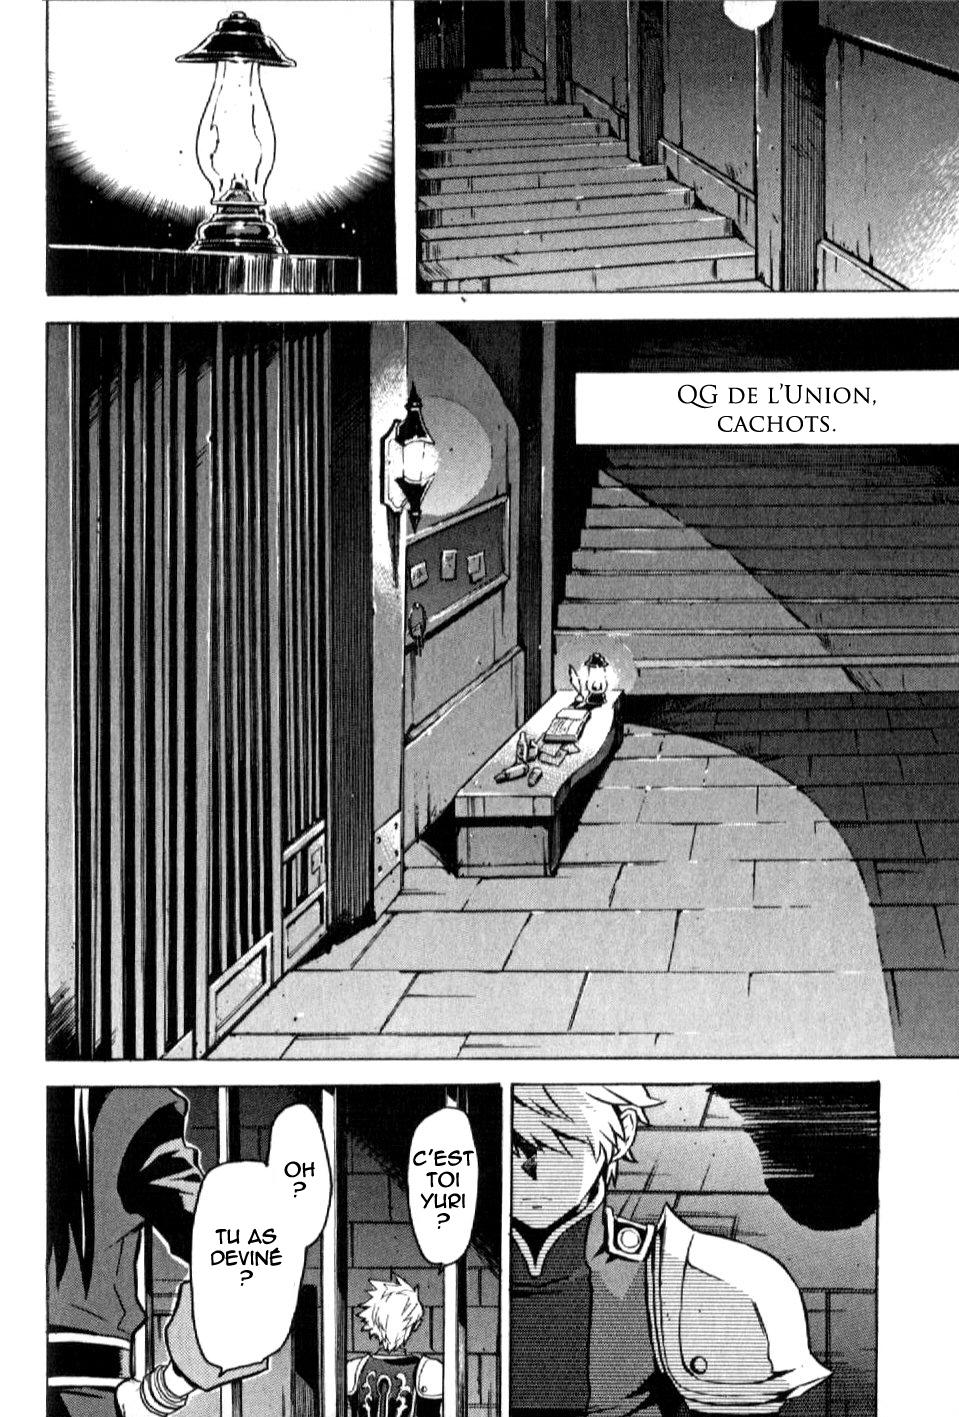 https://nine.mangadogs.com/fr_manga/pic1/6/2054/74680/TalesofVesperia19VF_1_354.jpg Page 2